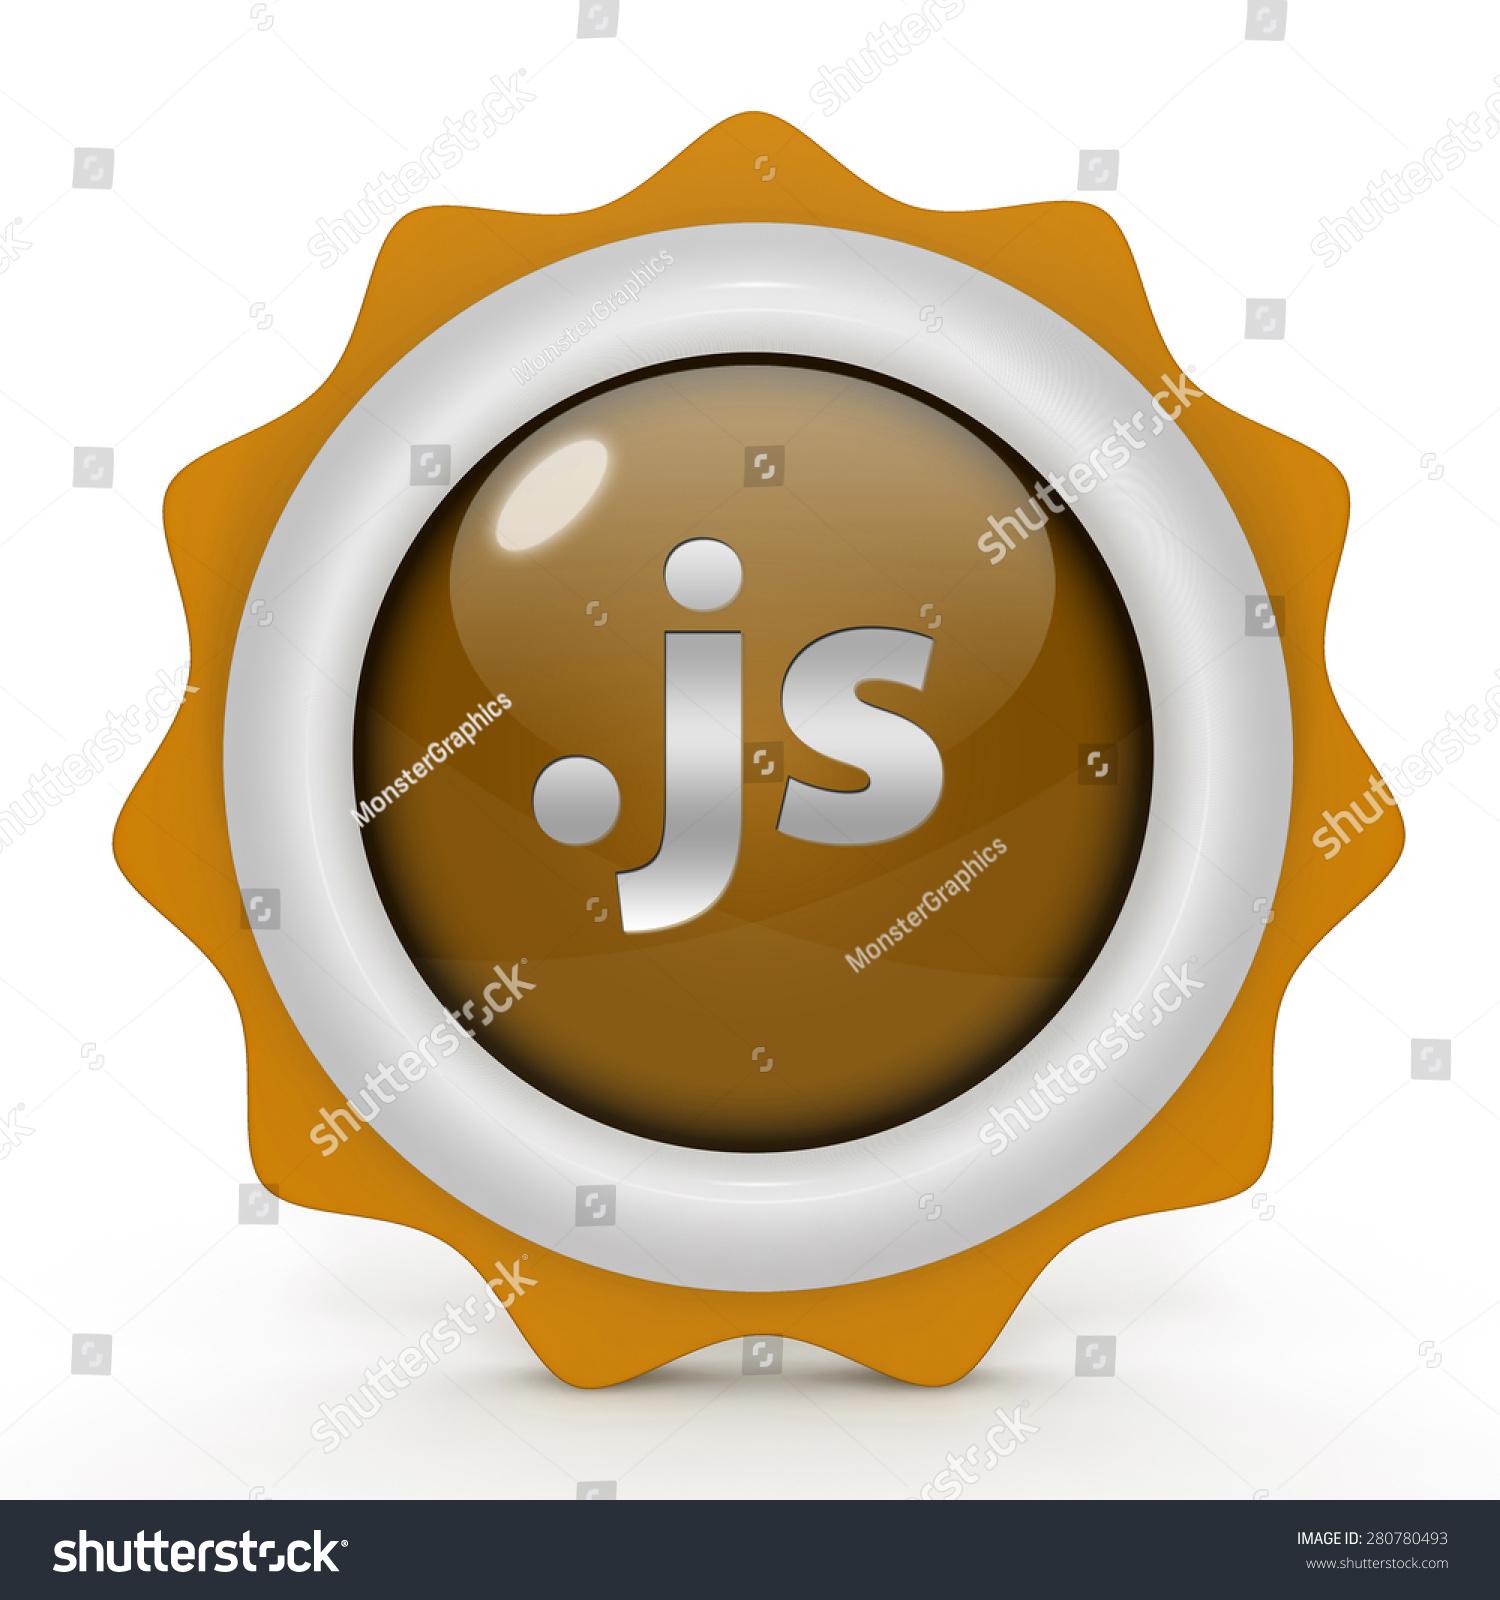 js圆形图标在白色背景-背景/素材,符号/标志-海洛()